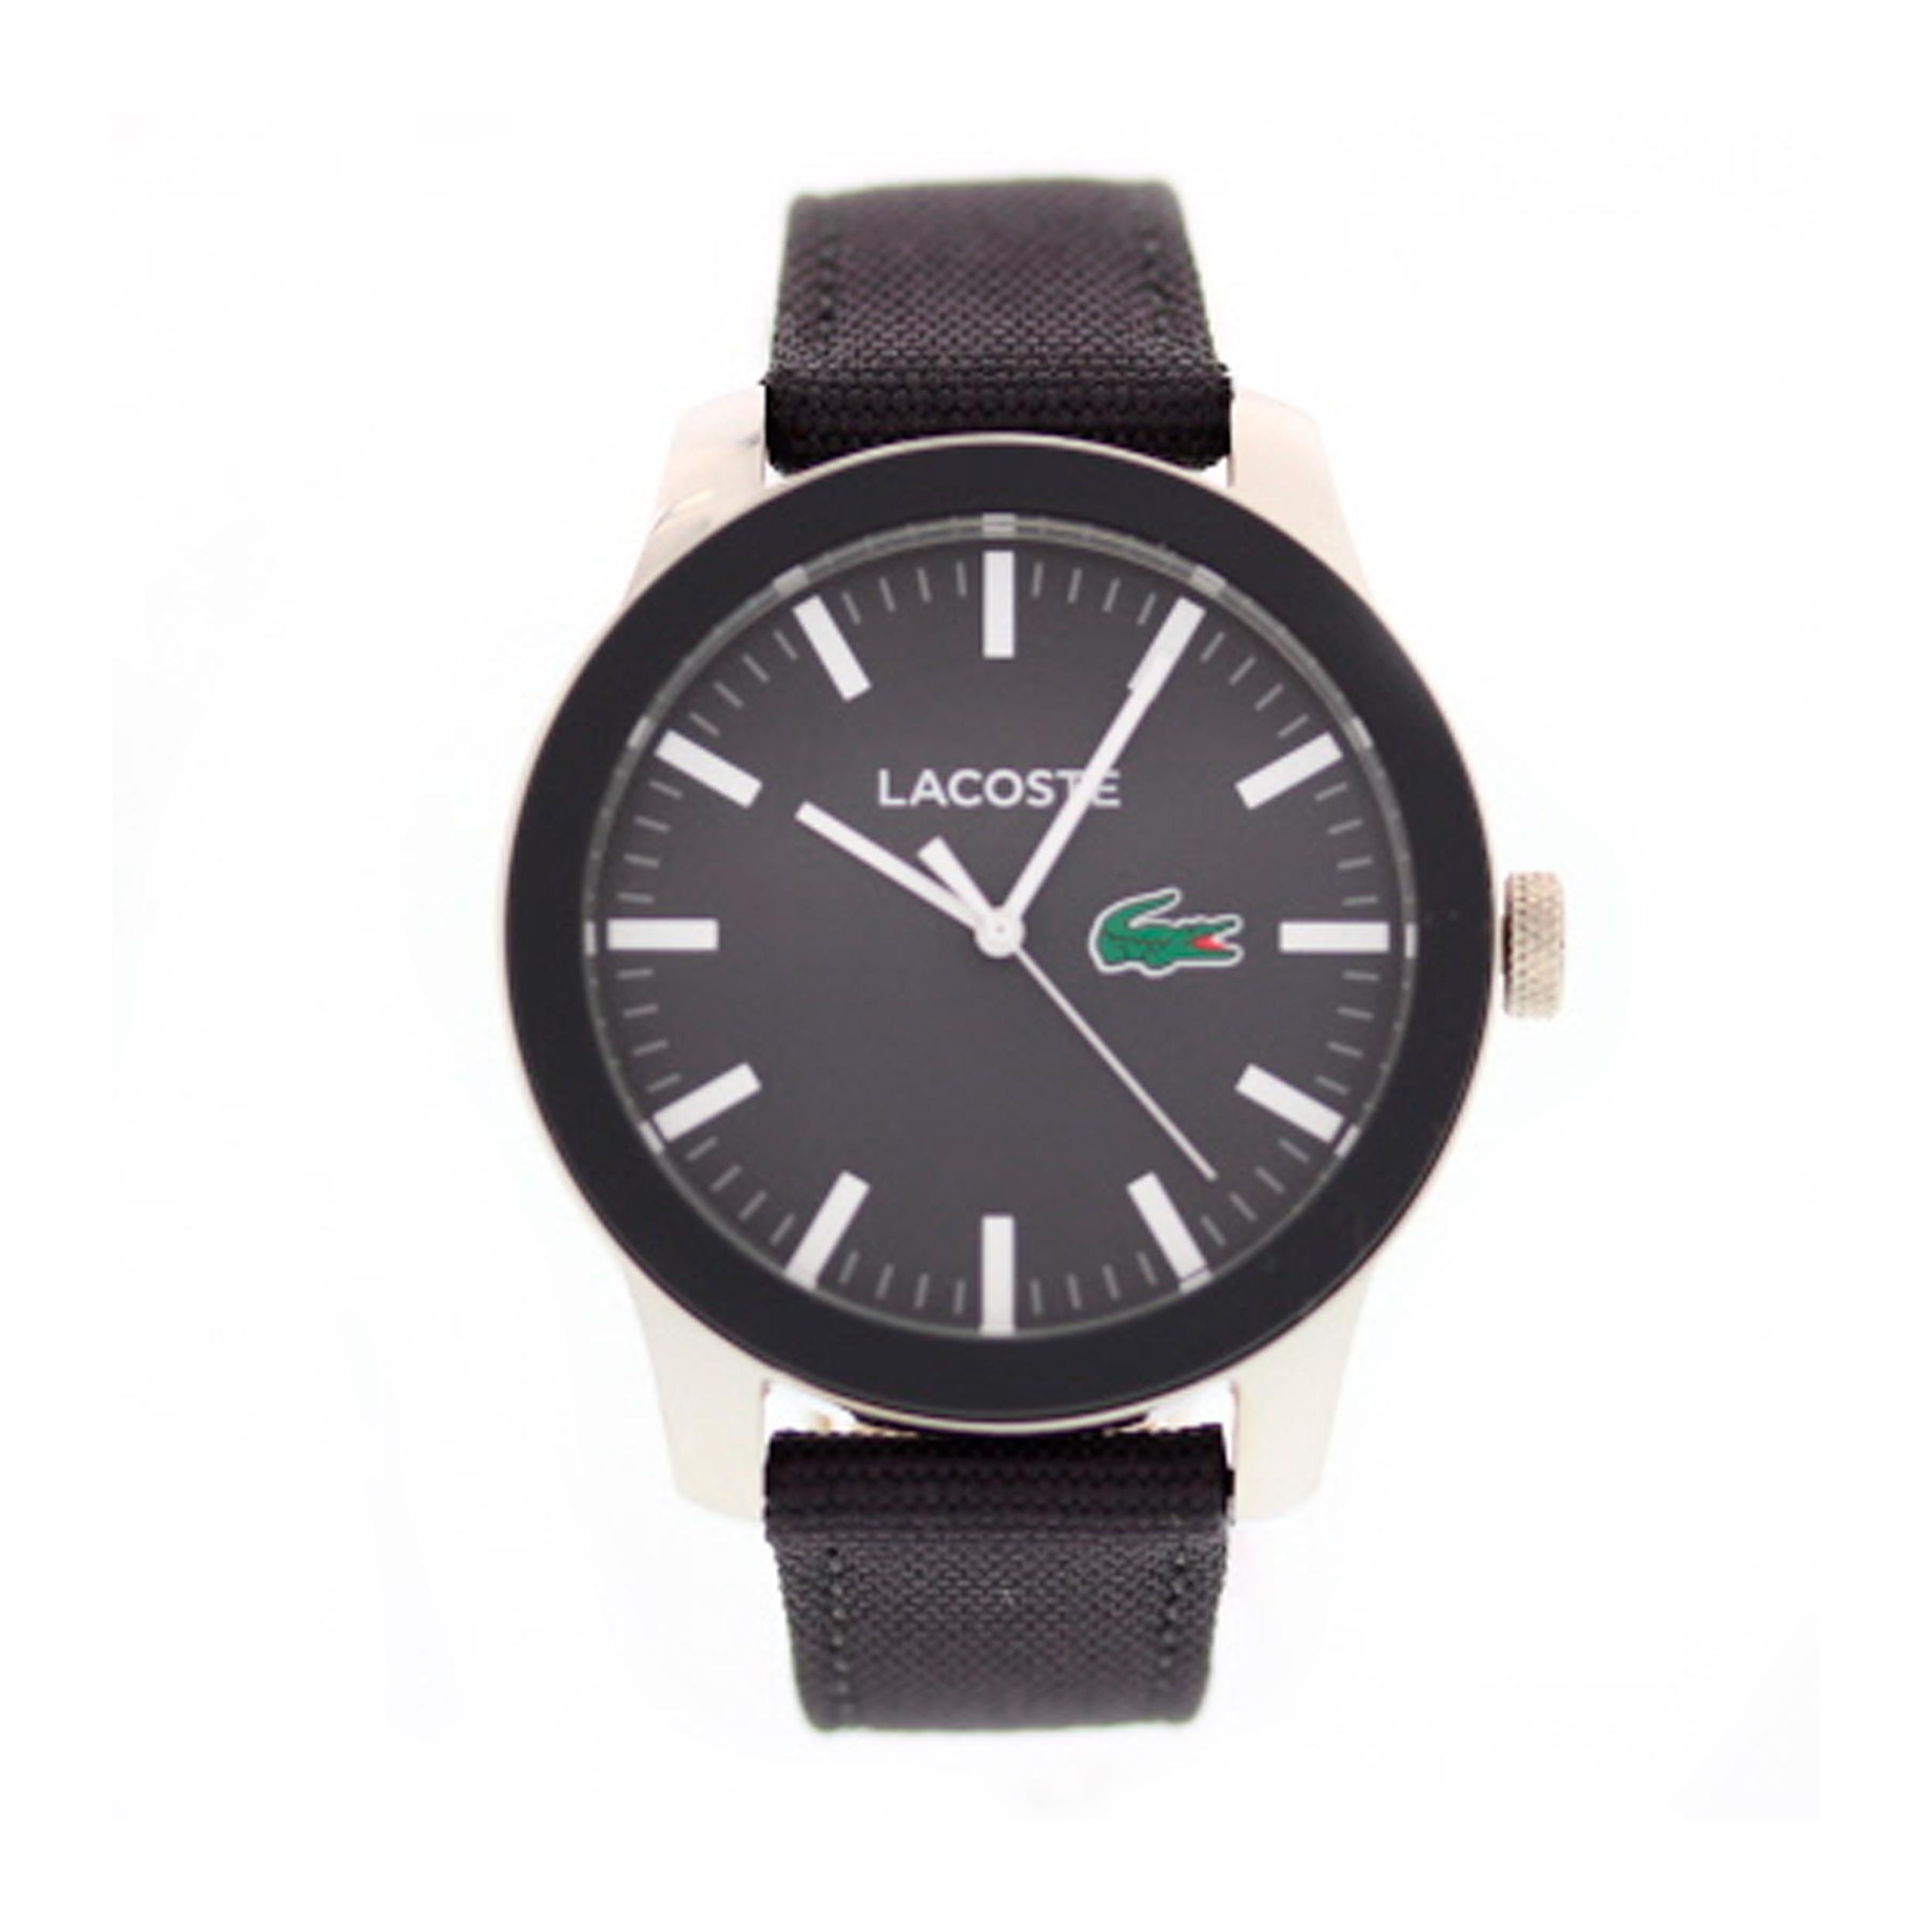 ساعت مچی عقربه ای مردانه لاگوست مدل 2010919              خرید (⭐️⭐️⭐️)